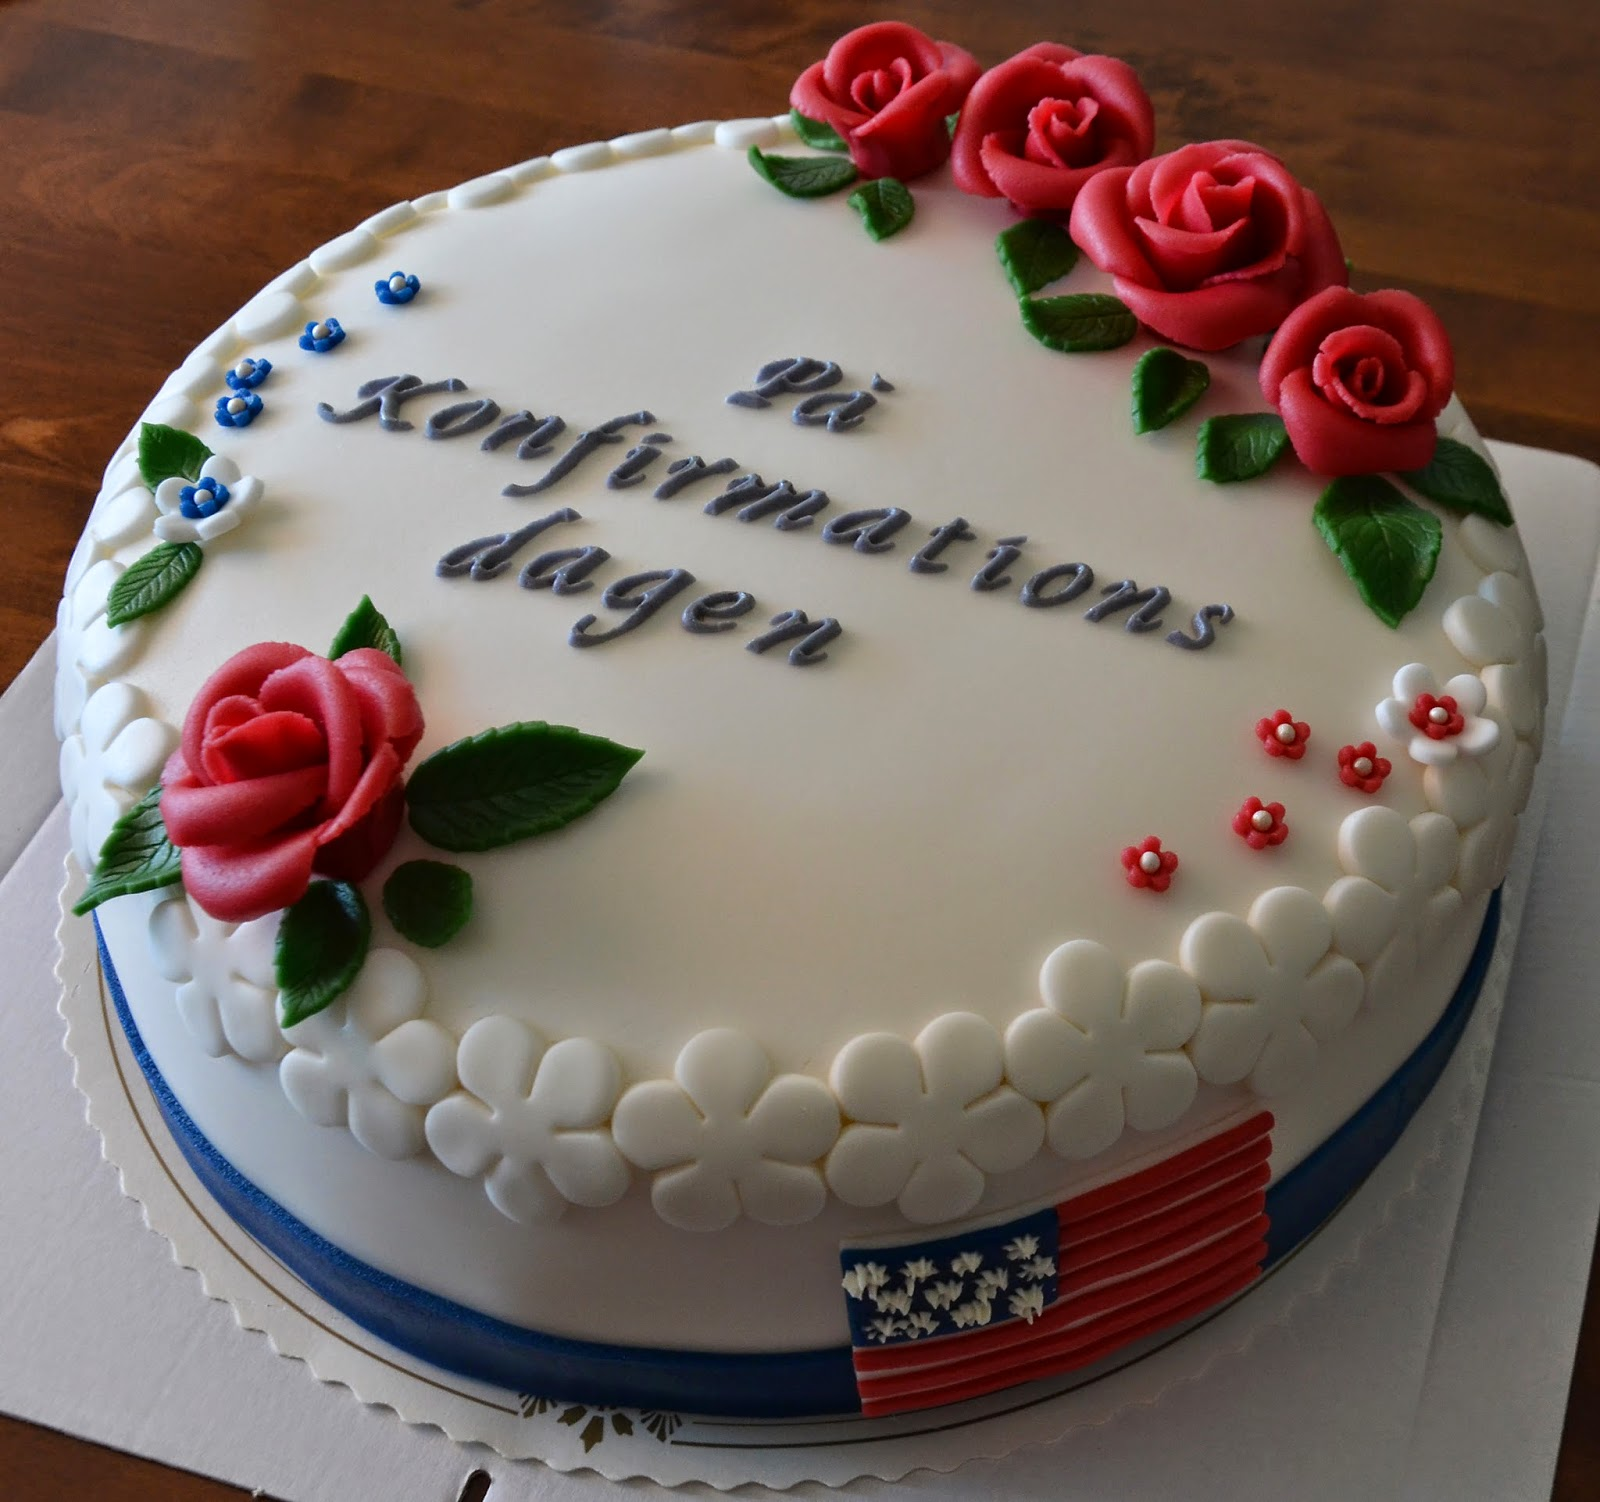 dekoration till tårta